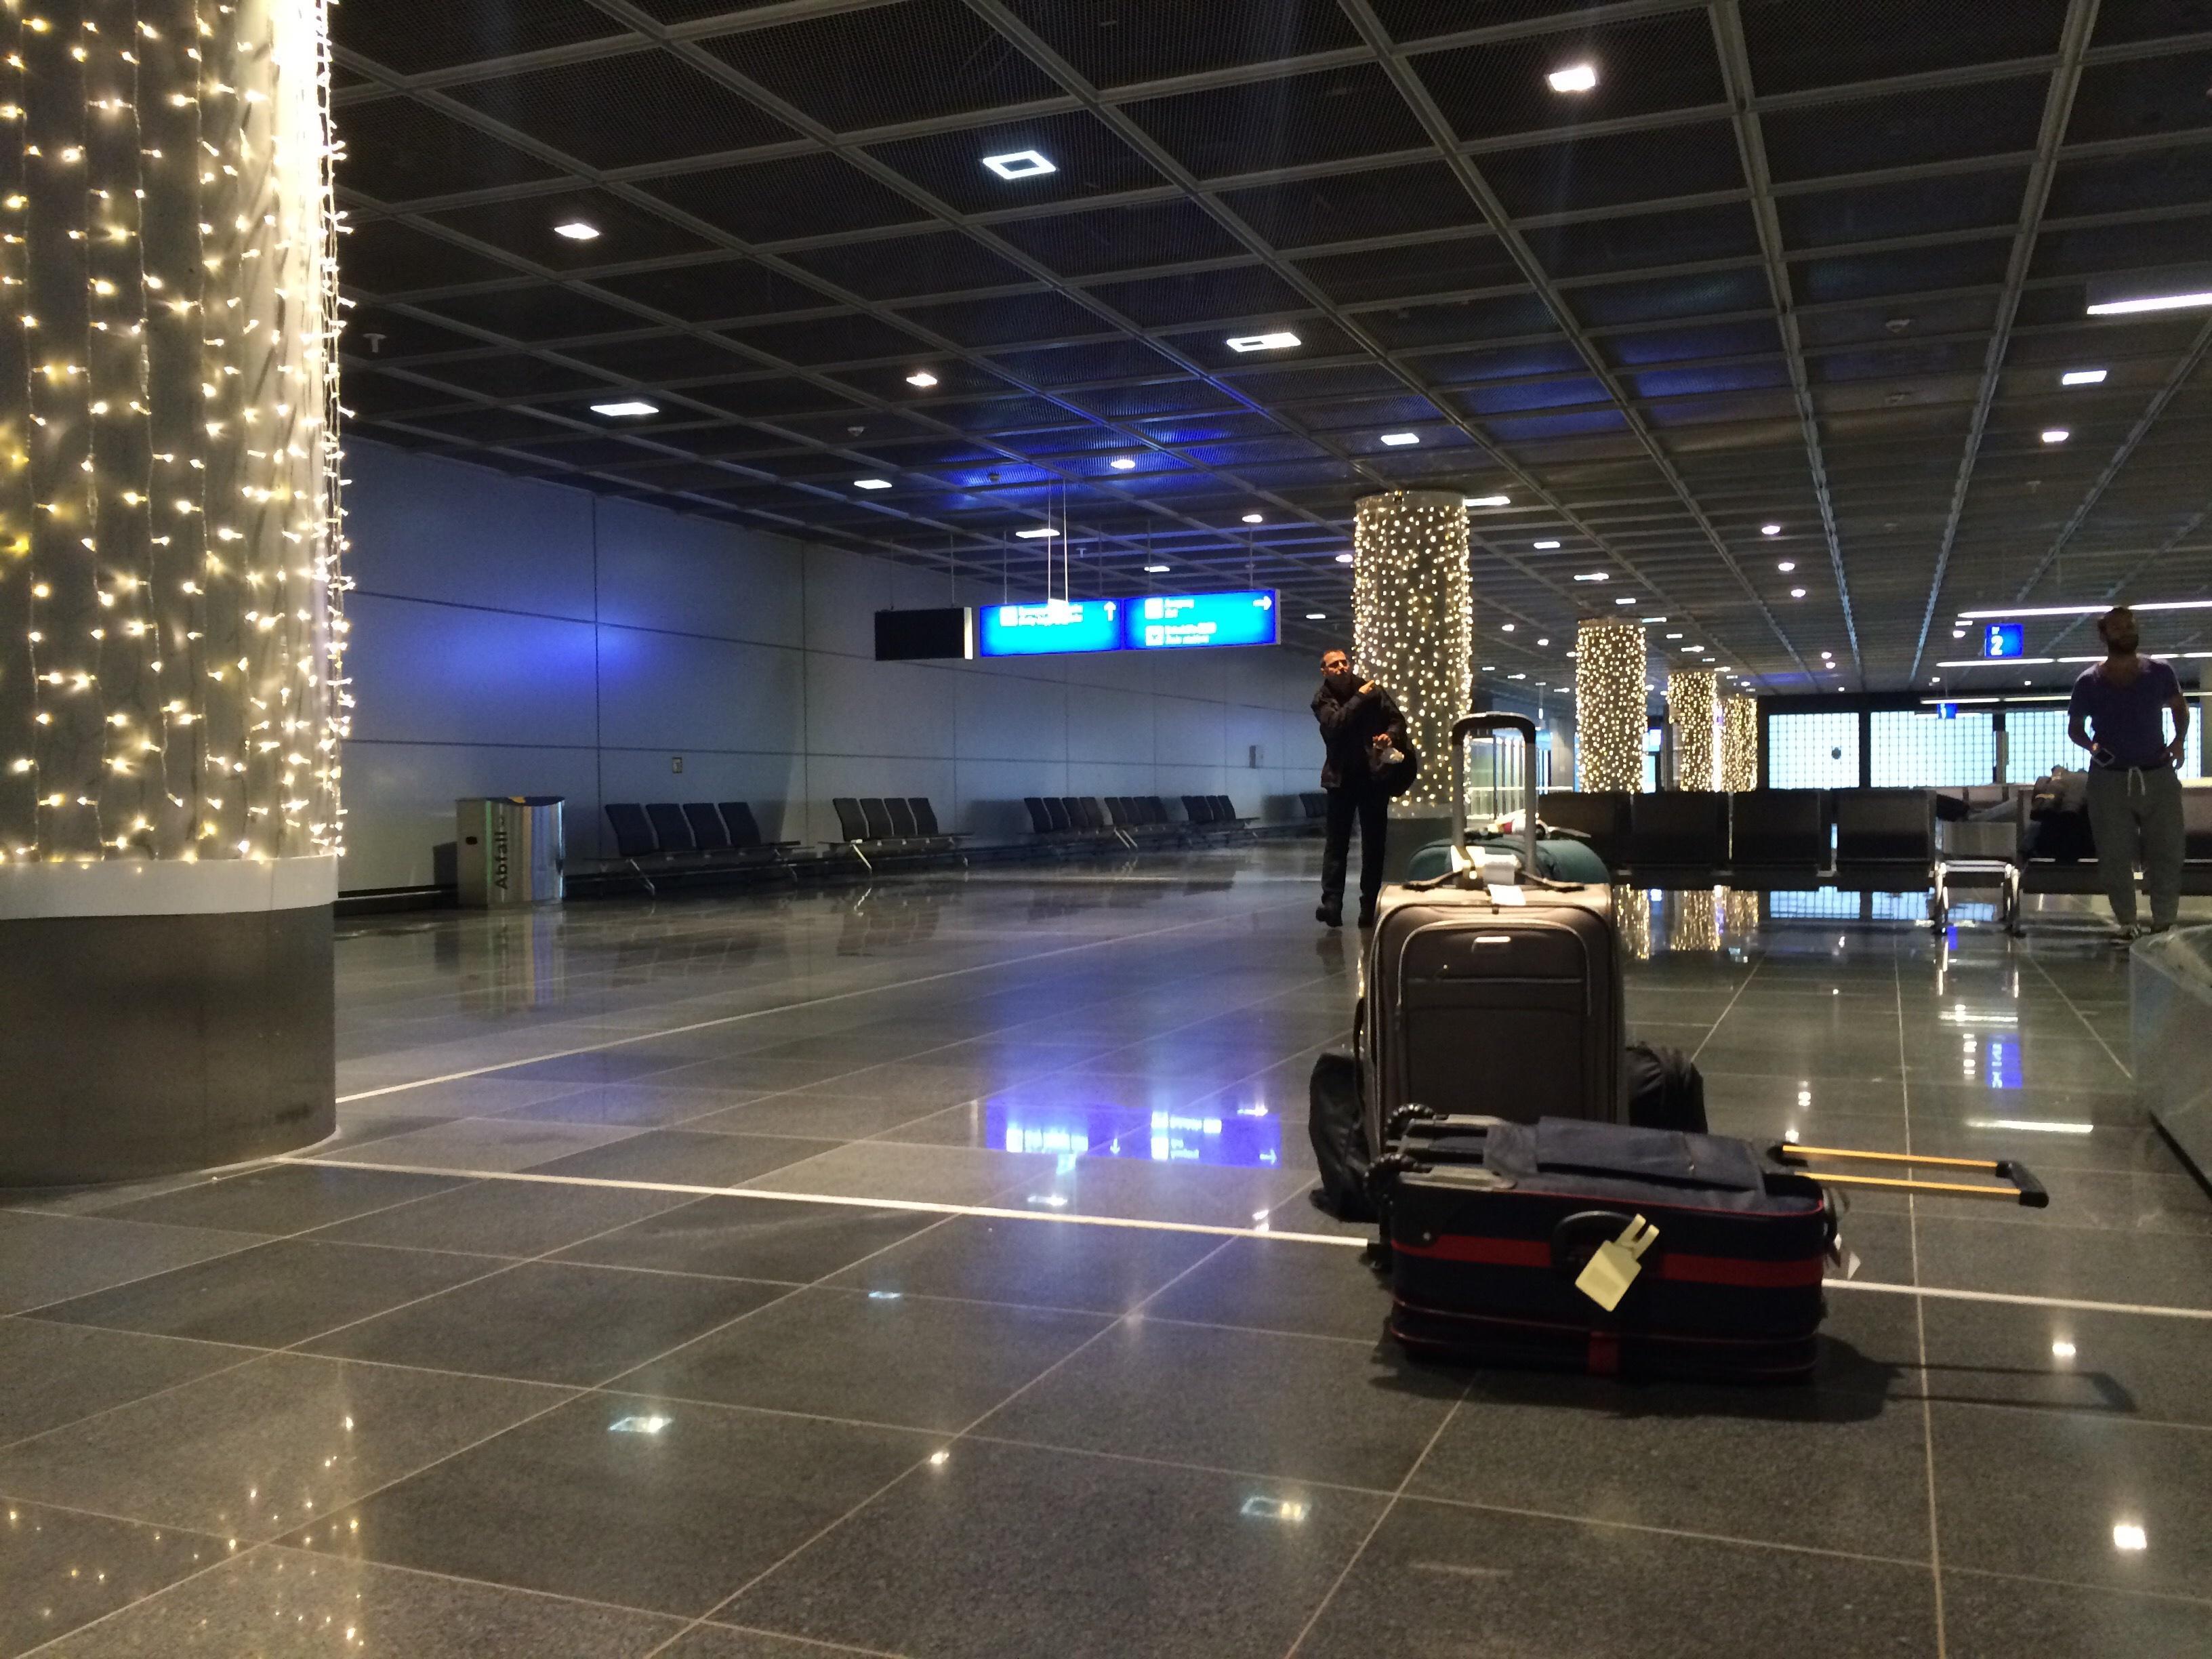 Descubren 870.000 euros en una maleta en un aeropuerto alemán